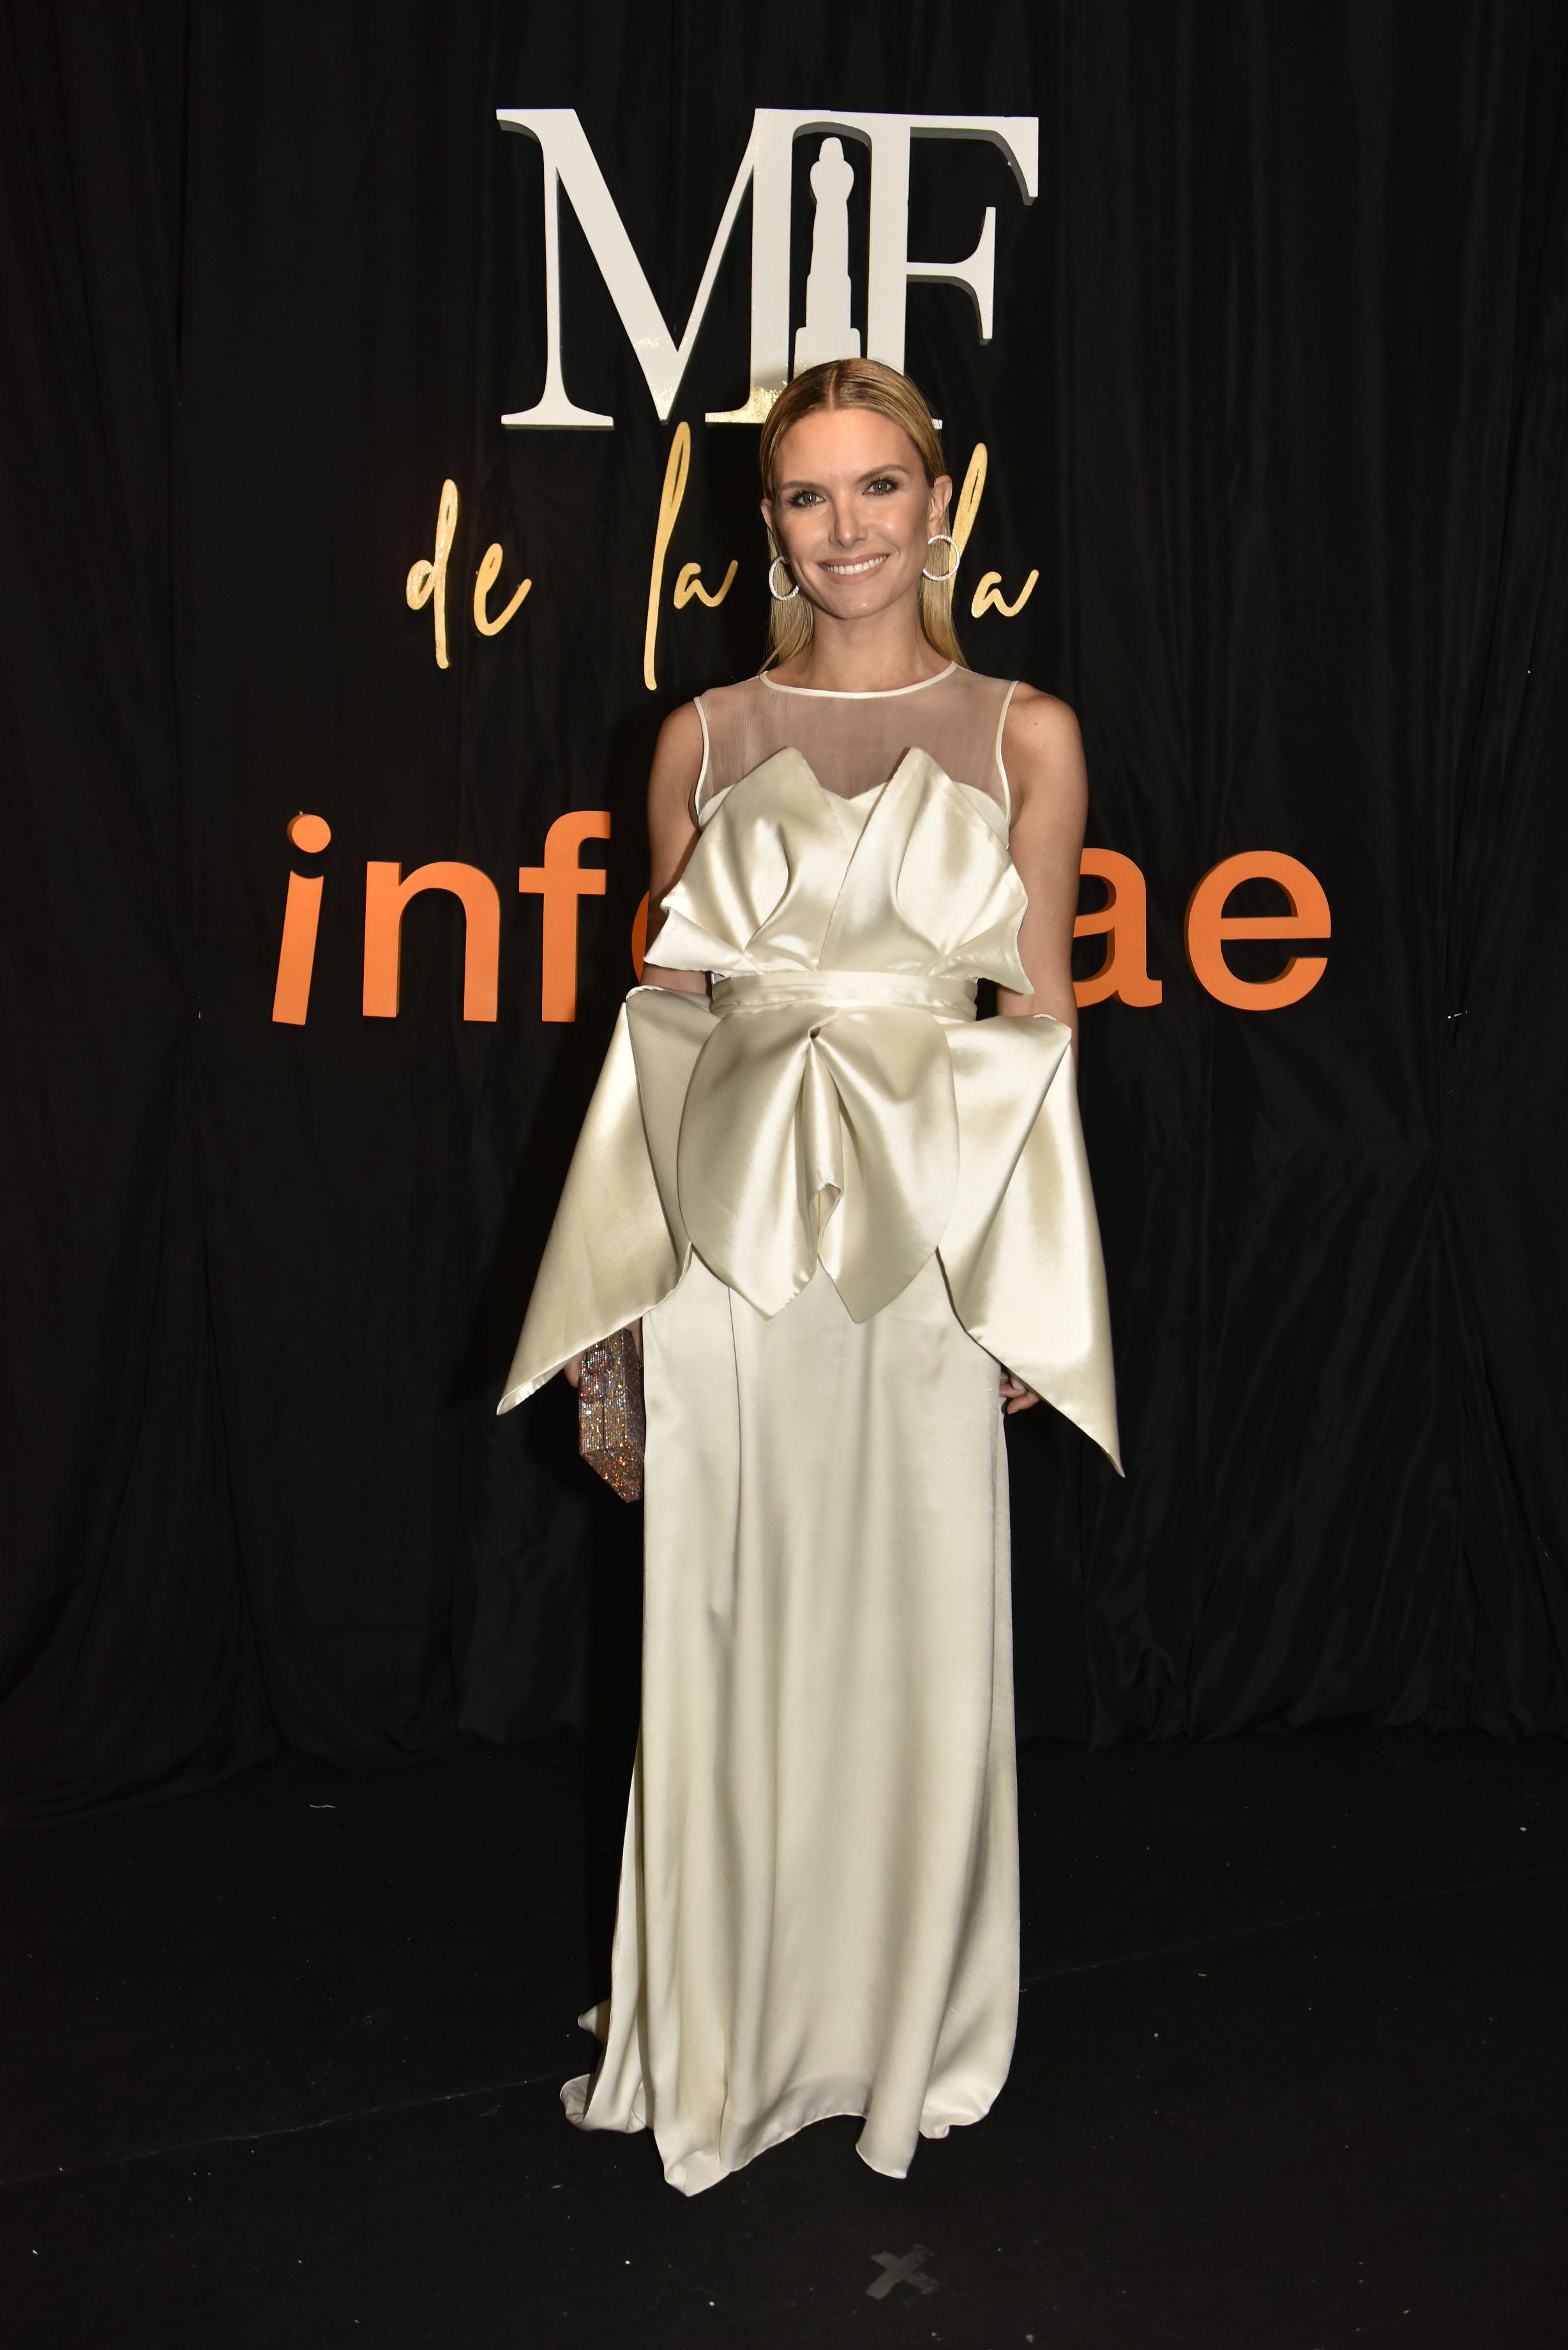 La modelo Sofía Zámolo con un vestido blanco de Zitta , accesorios y un clutch con detalles que acompañan a la perfección el look